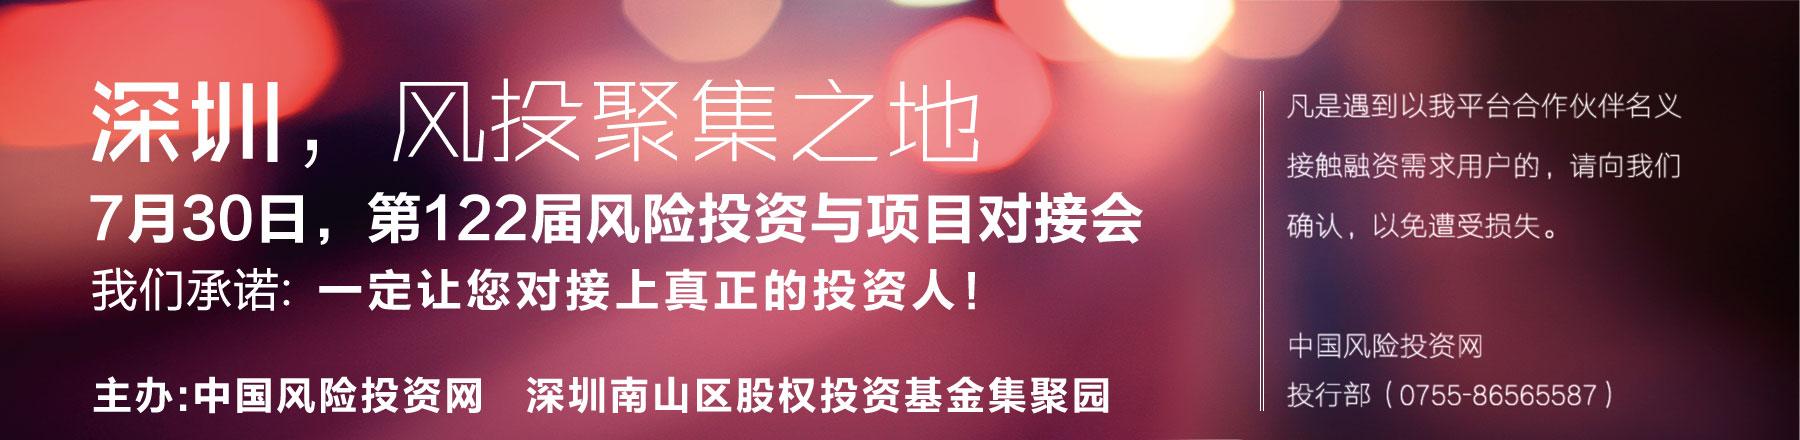 中国风险向日葵视频网